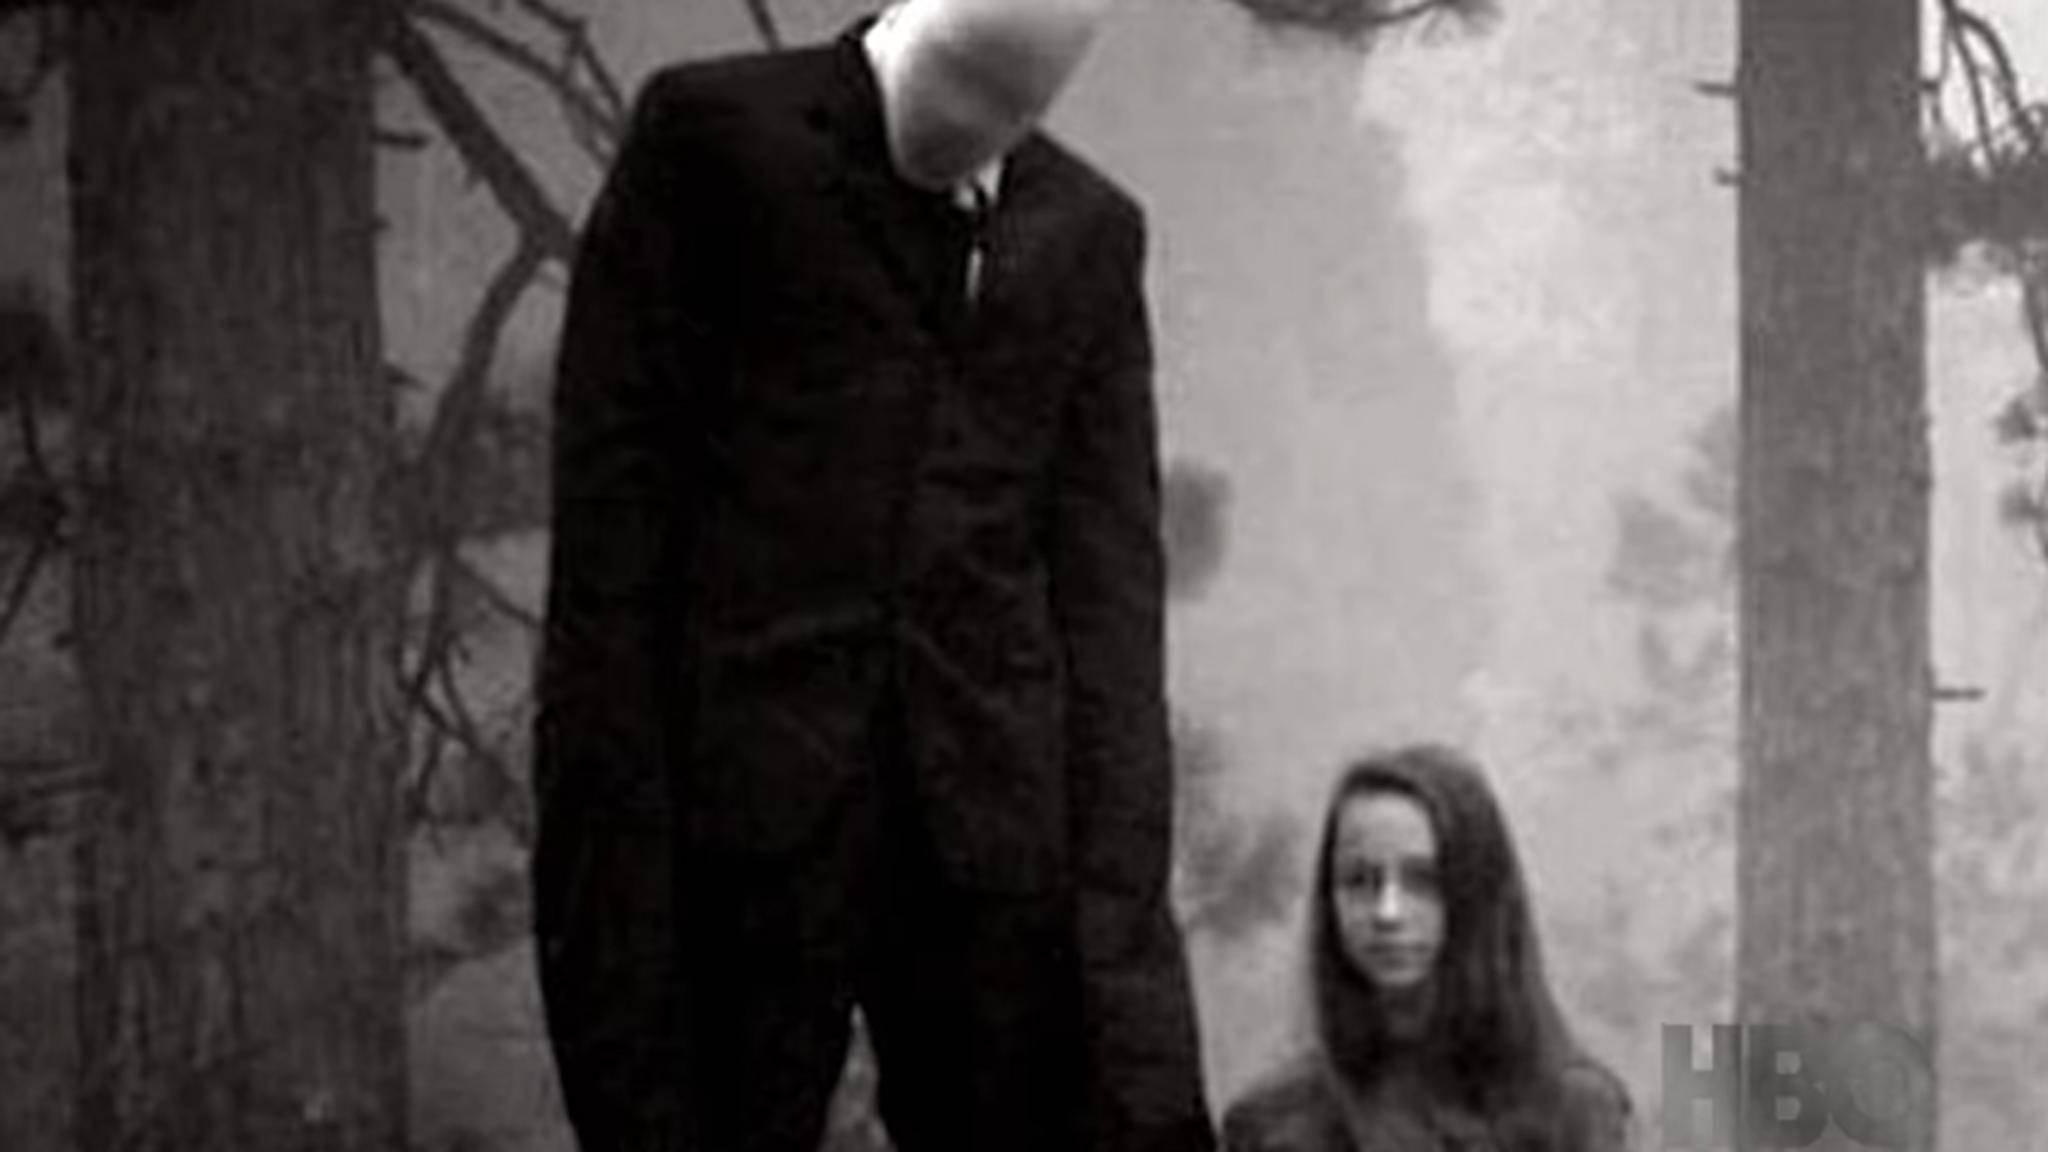 Seit 2009 versetzt der Slenderman Jung und Alt in Angst und Schrecken.